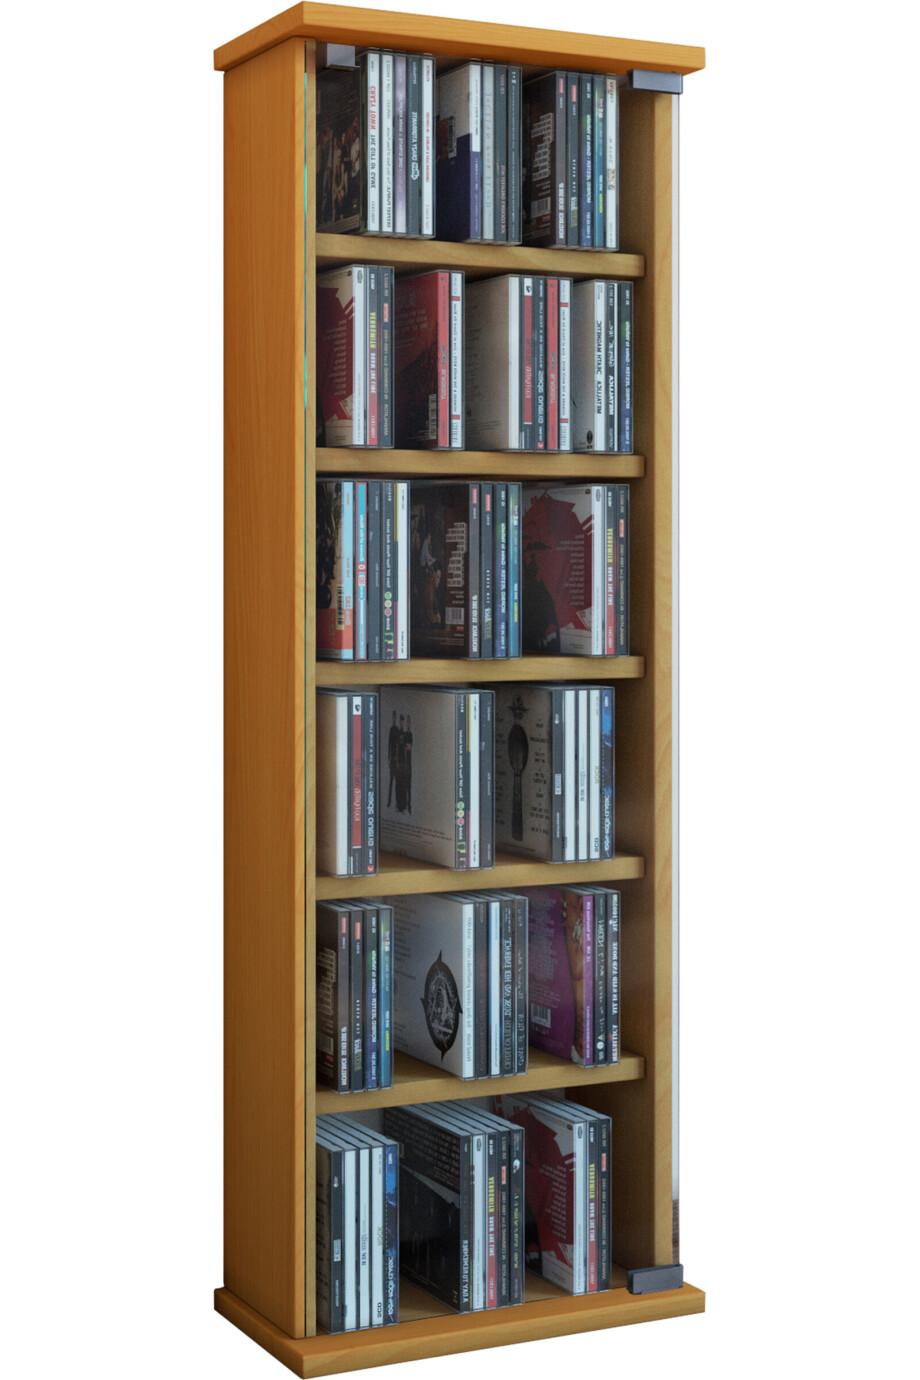 VCM muebles para CD / DVD Vetro - armario / estantería en 7 colores: haya